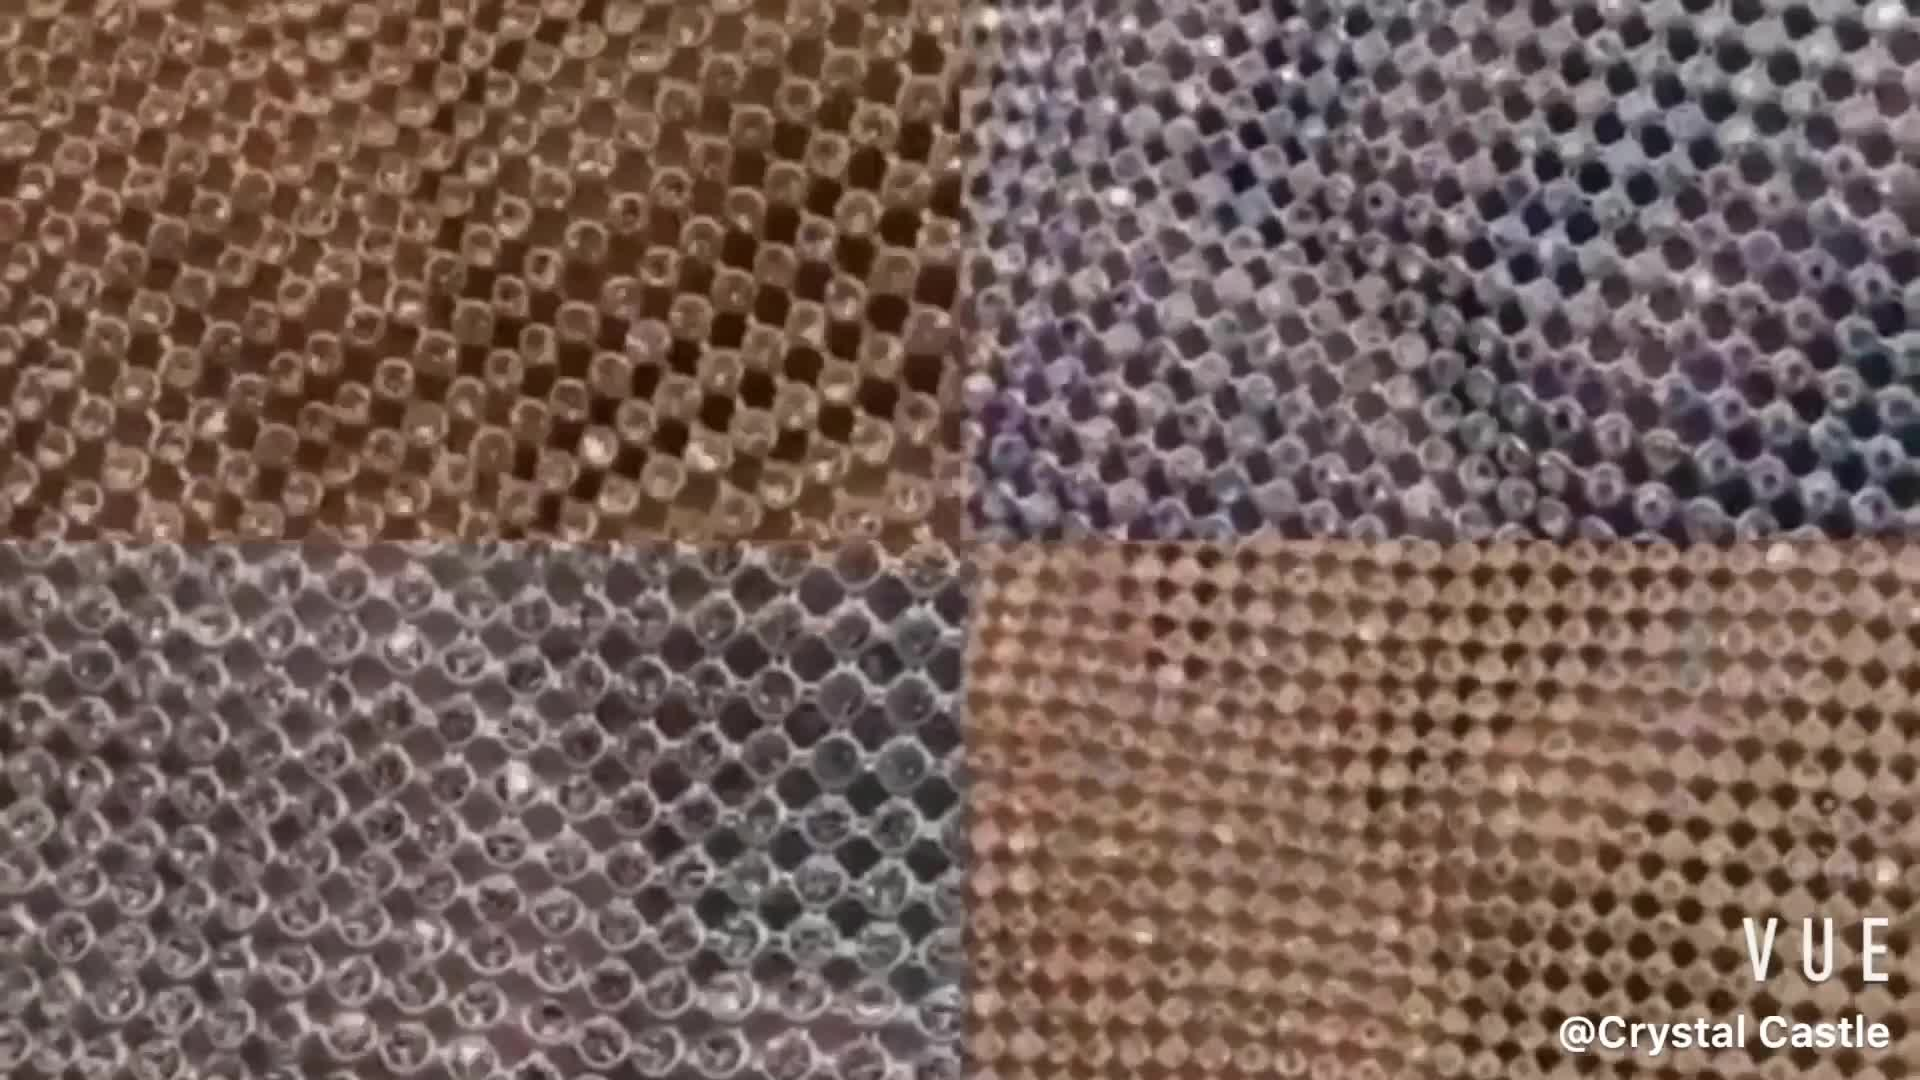 クリスタルキャッスルラインストーンビッグ石メッシュクリスタルメッシュ織物タッセルトリム以外の修正プログラムラインストーンシート